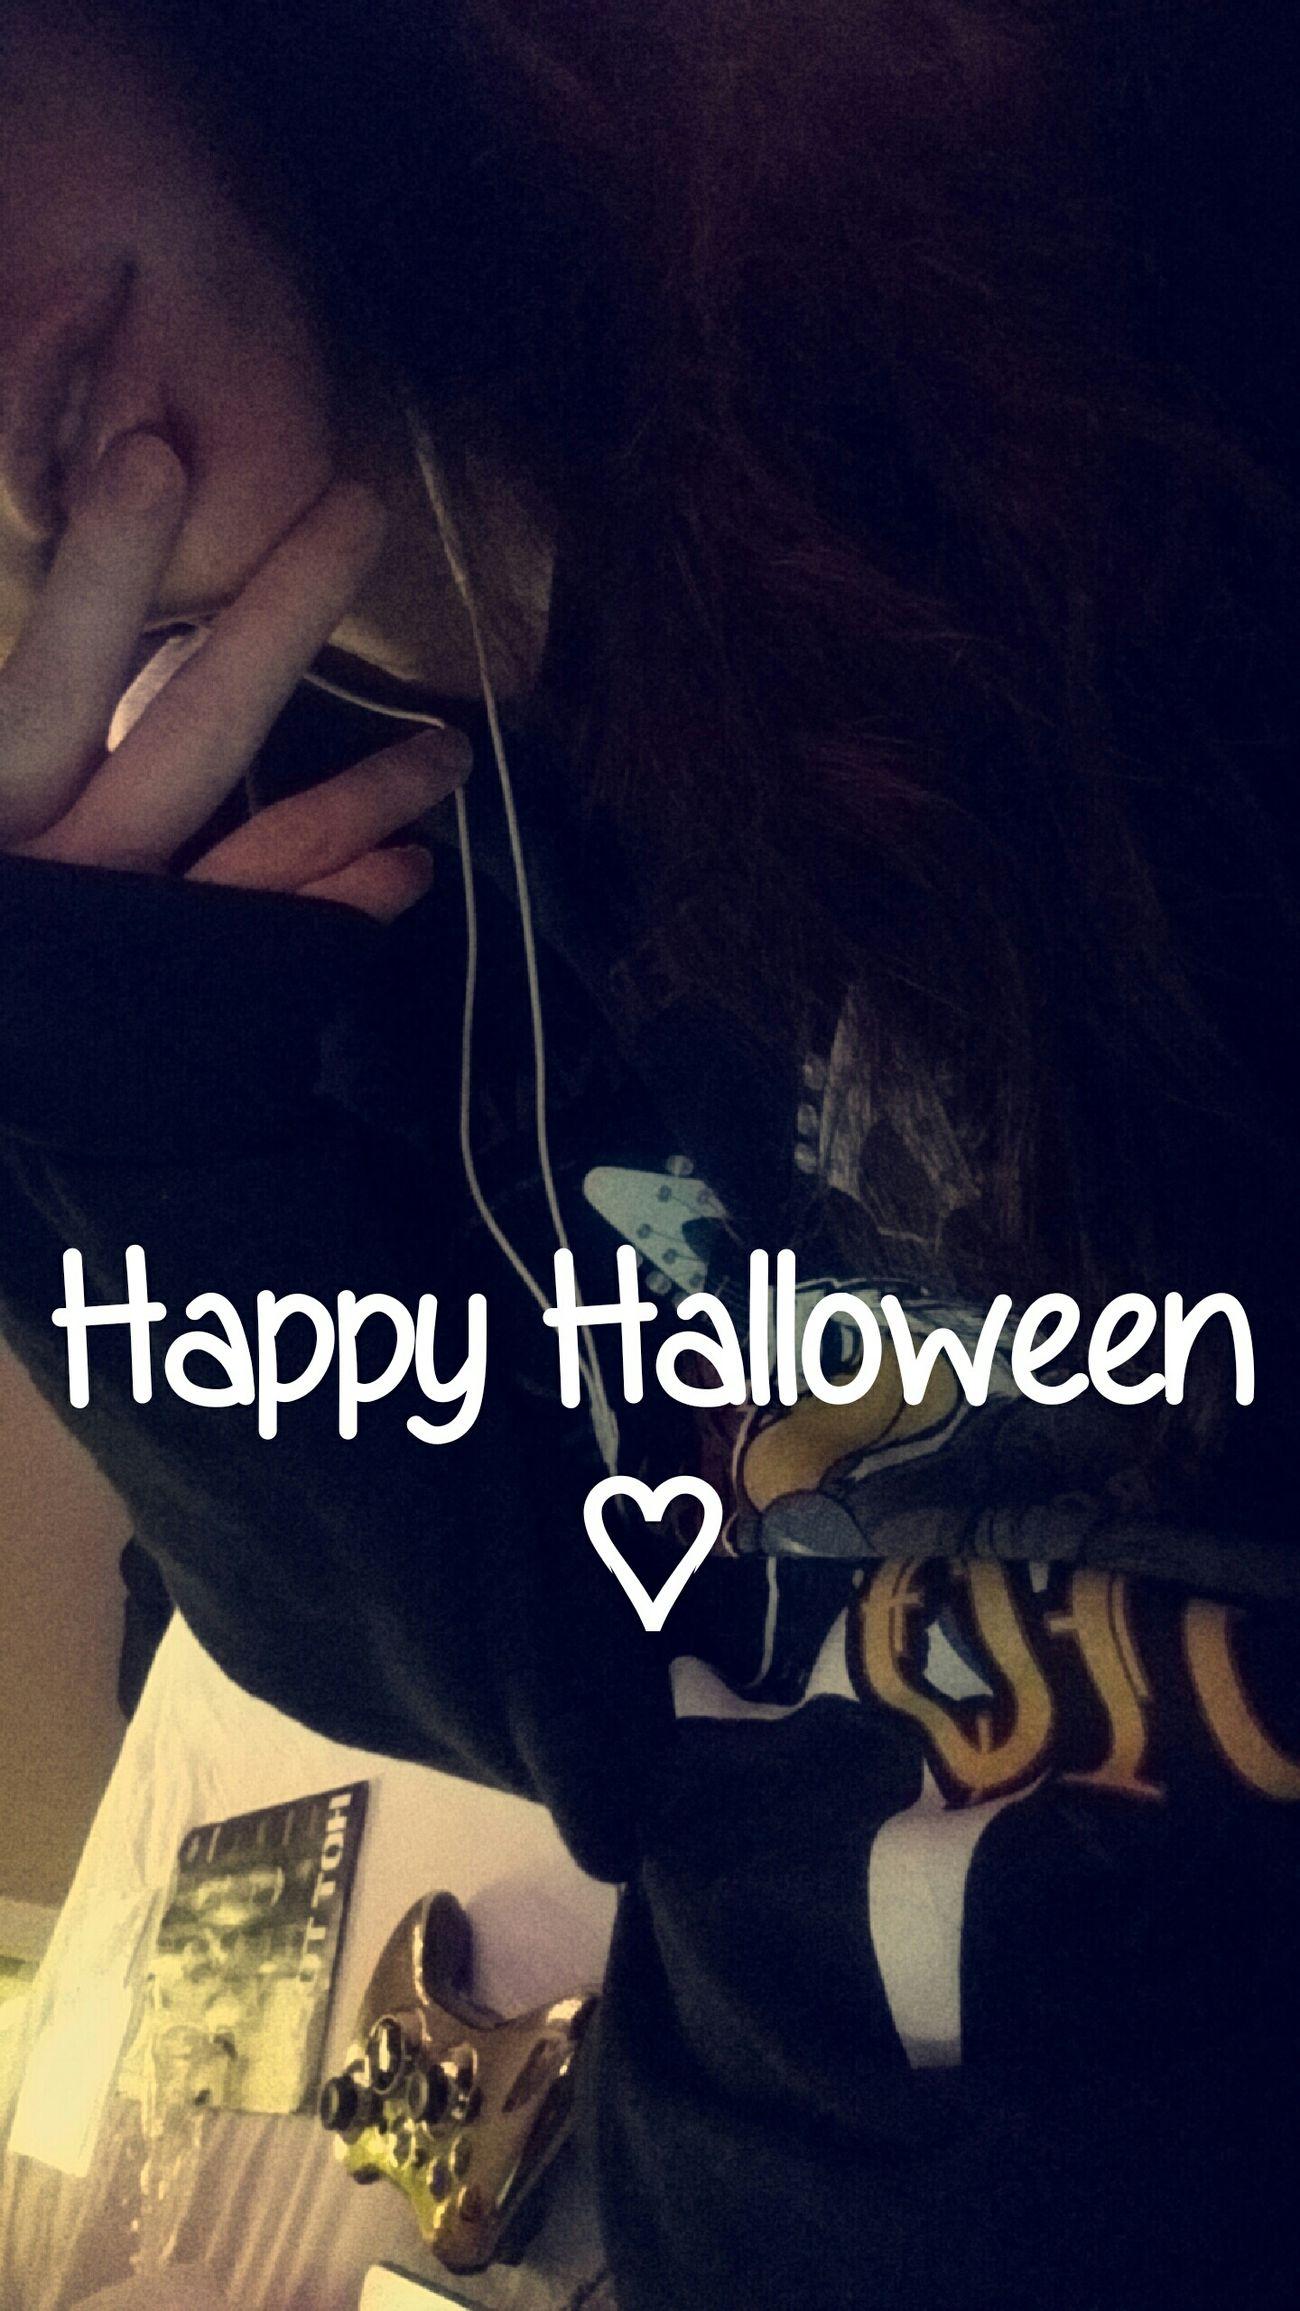 Halloween Happyhalloween HappyHalloween2015 Halloweennight Snapchat